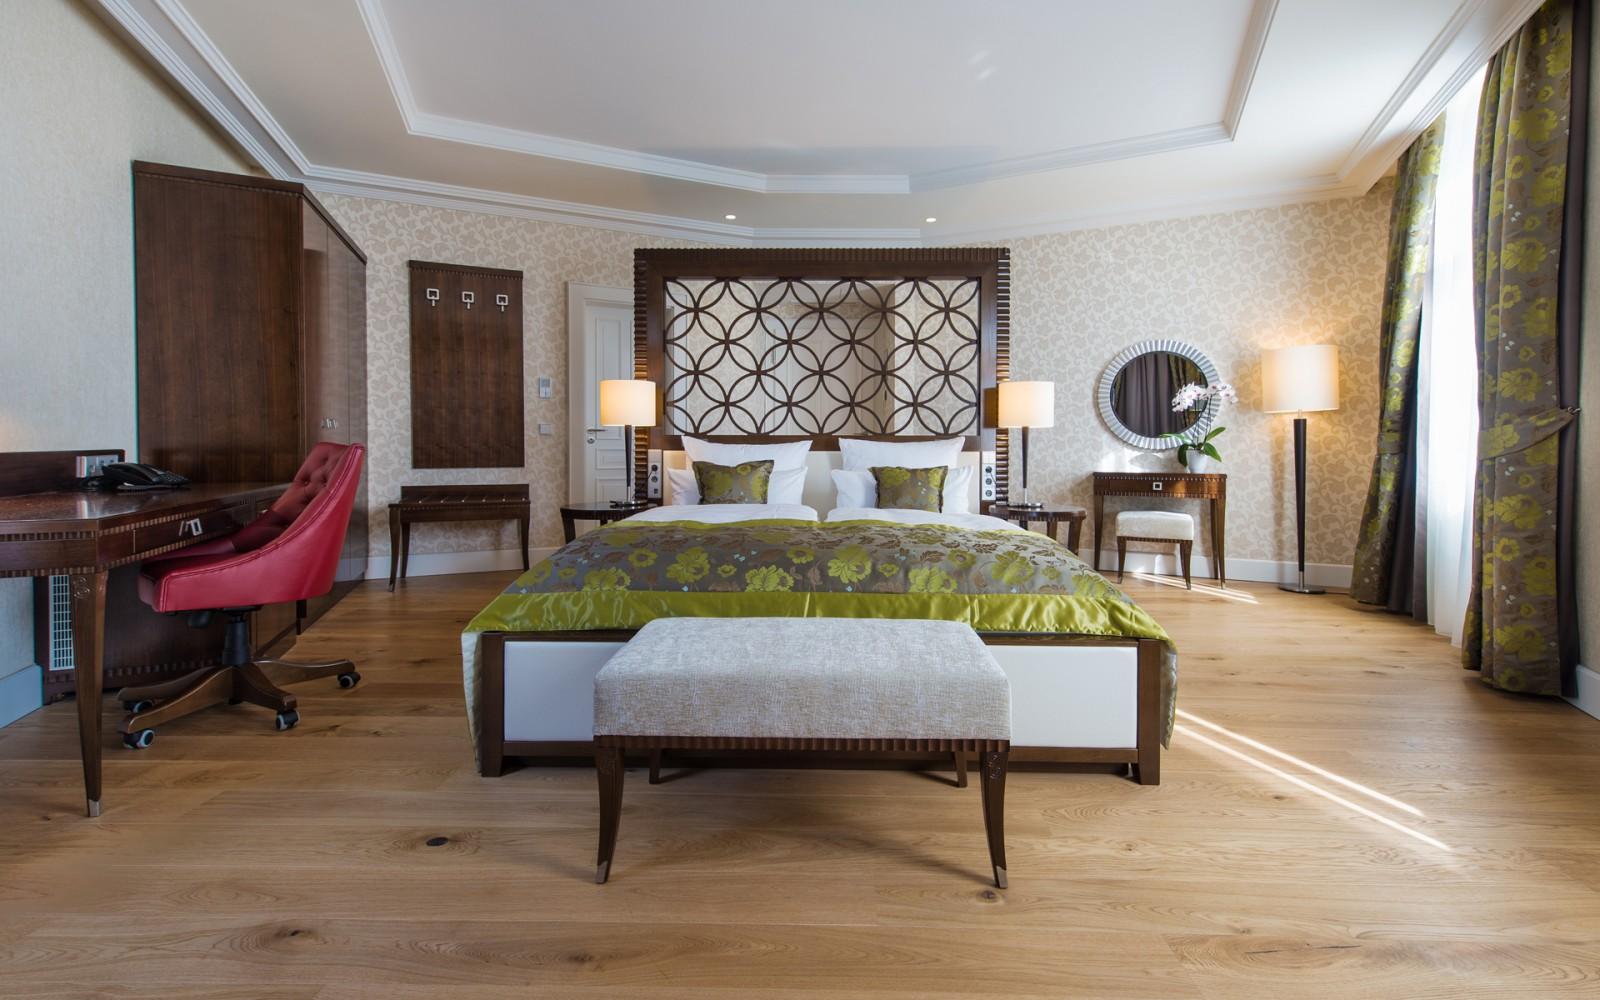 Kleine-Rosengarten_Mannheim_delux_hotelzimmer_luxury_hotel-rooms_premium_hotelske-sobe_Stilles_101